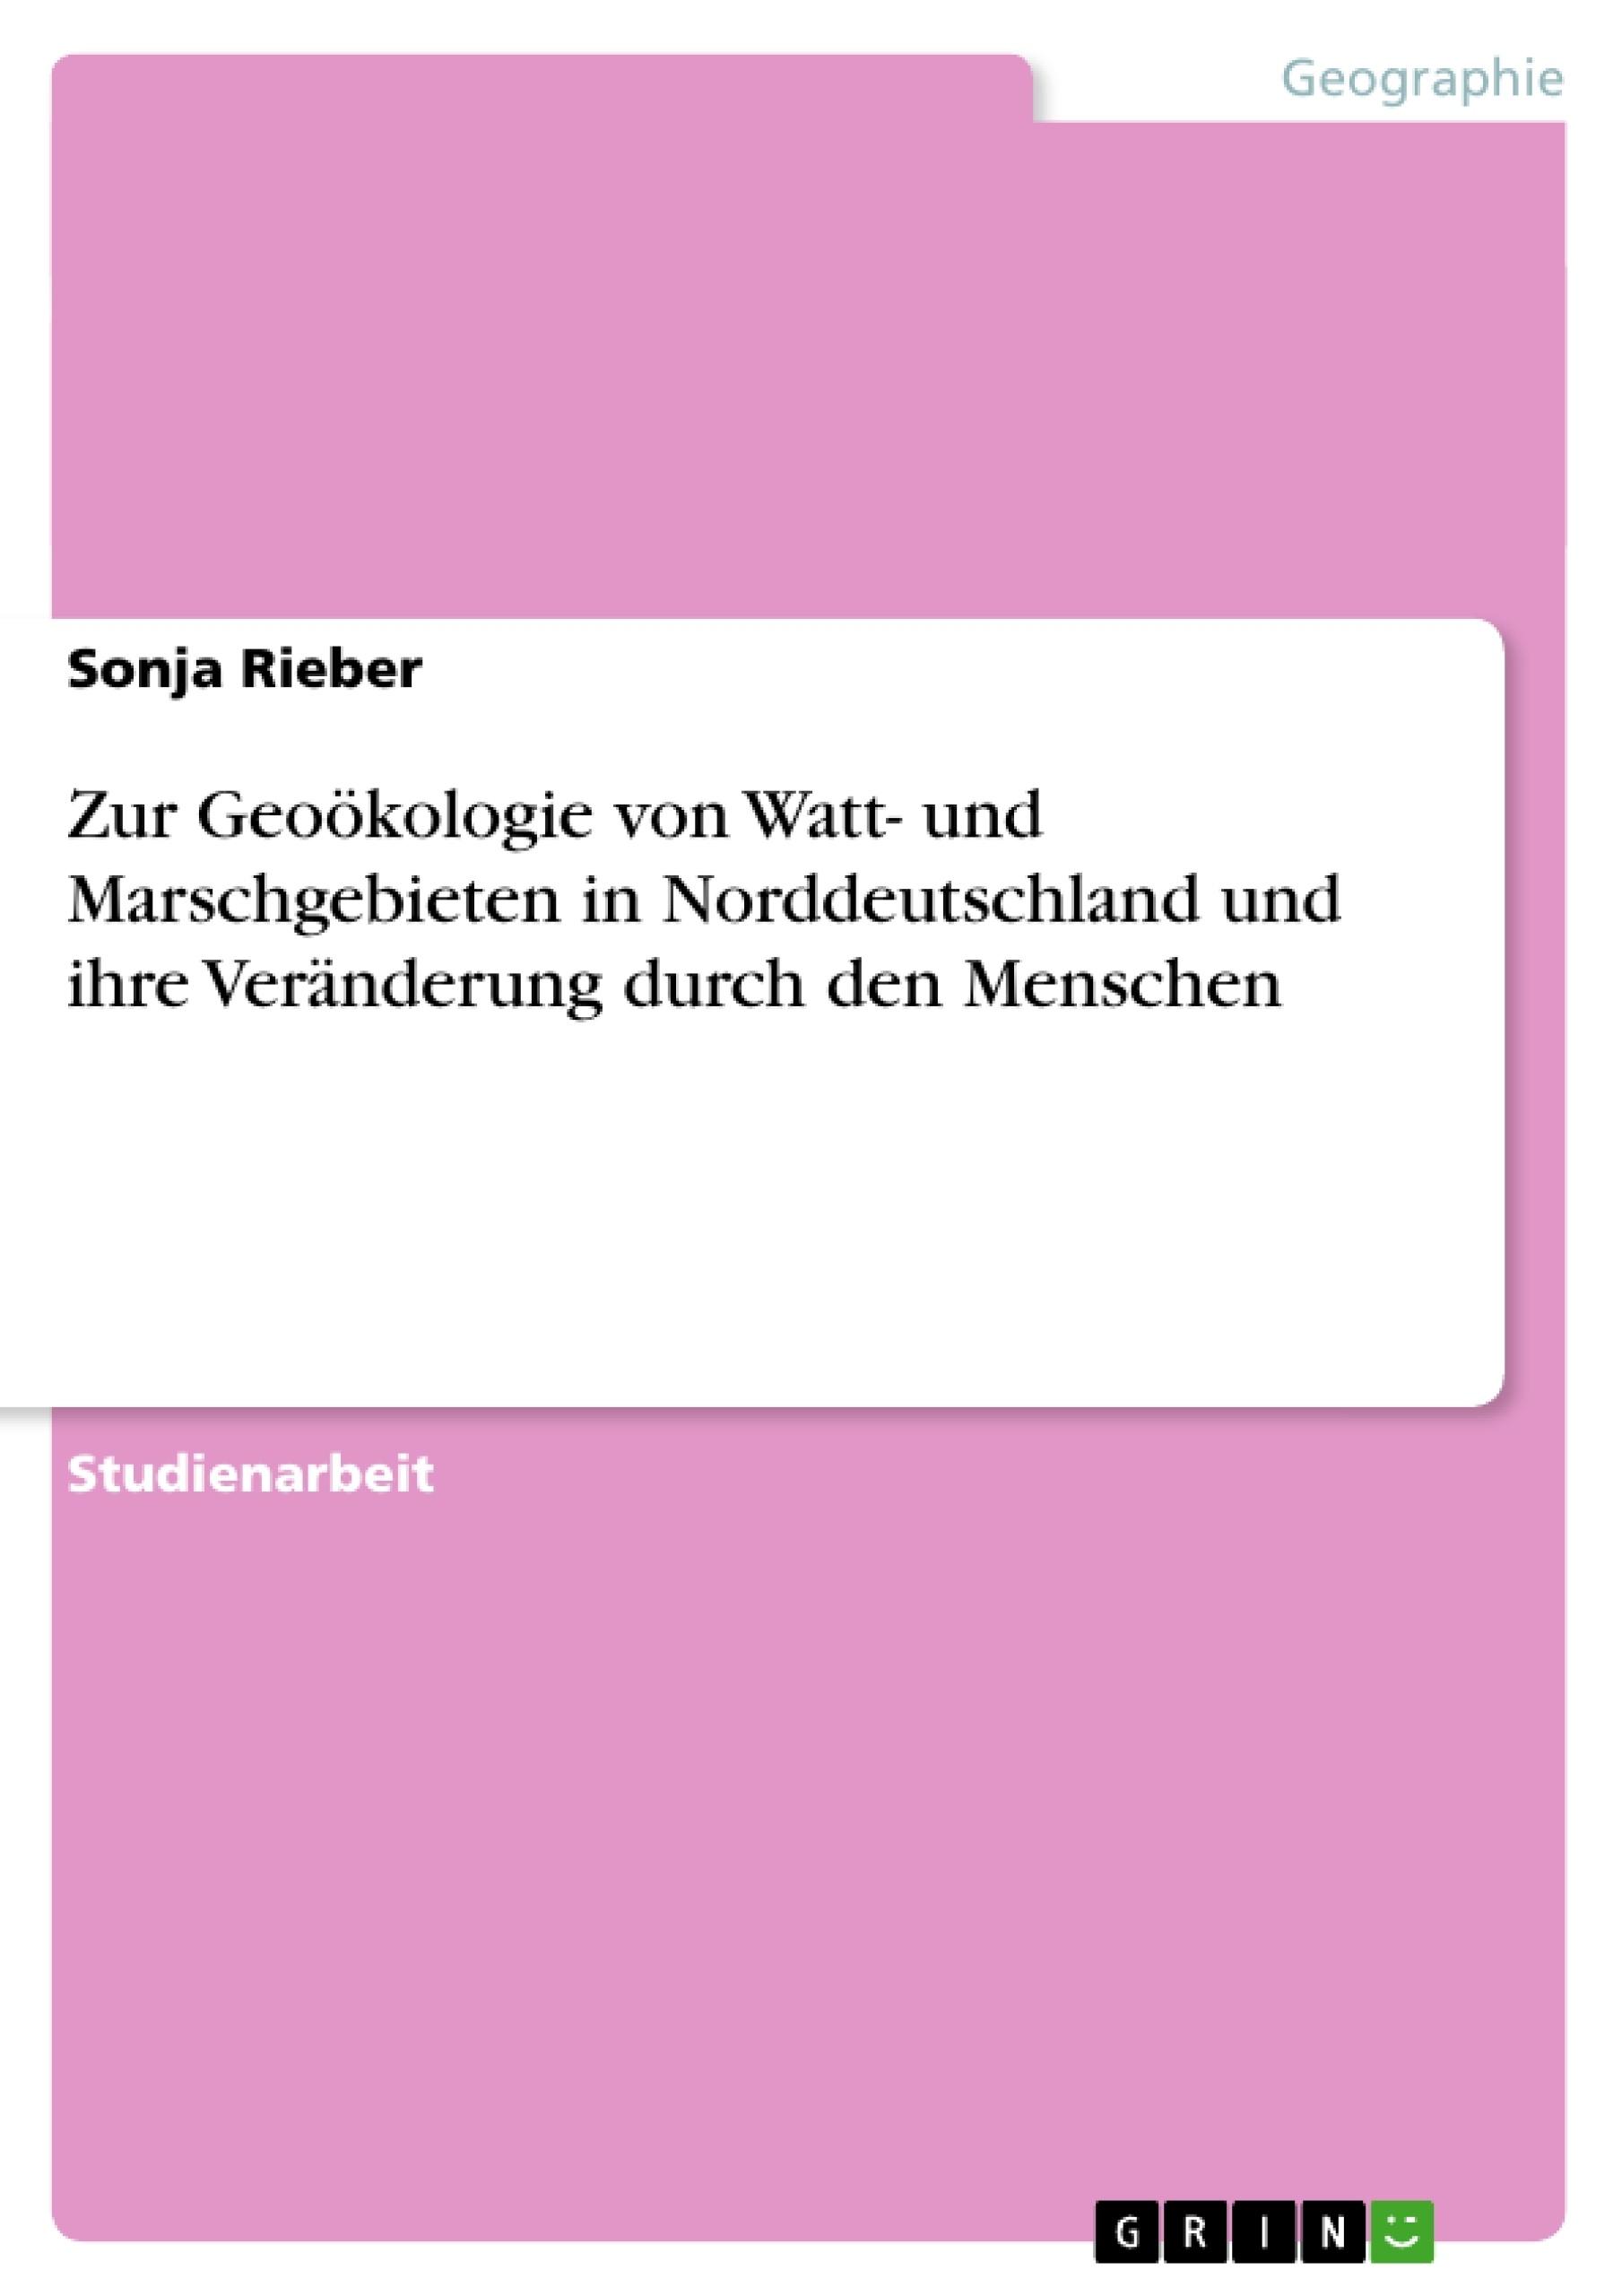 Titel: Zur Geoökologie von Watt- und Marschgebieten in Norddeutschland und ihre Veränderung durch den Menschen